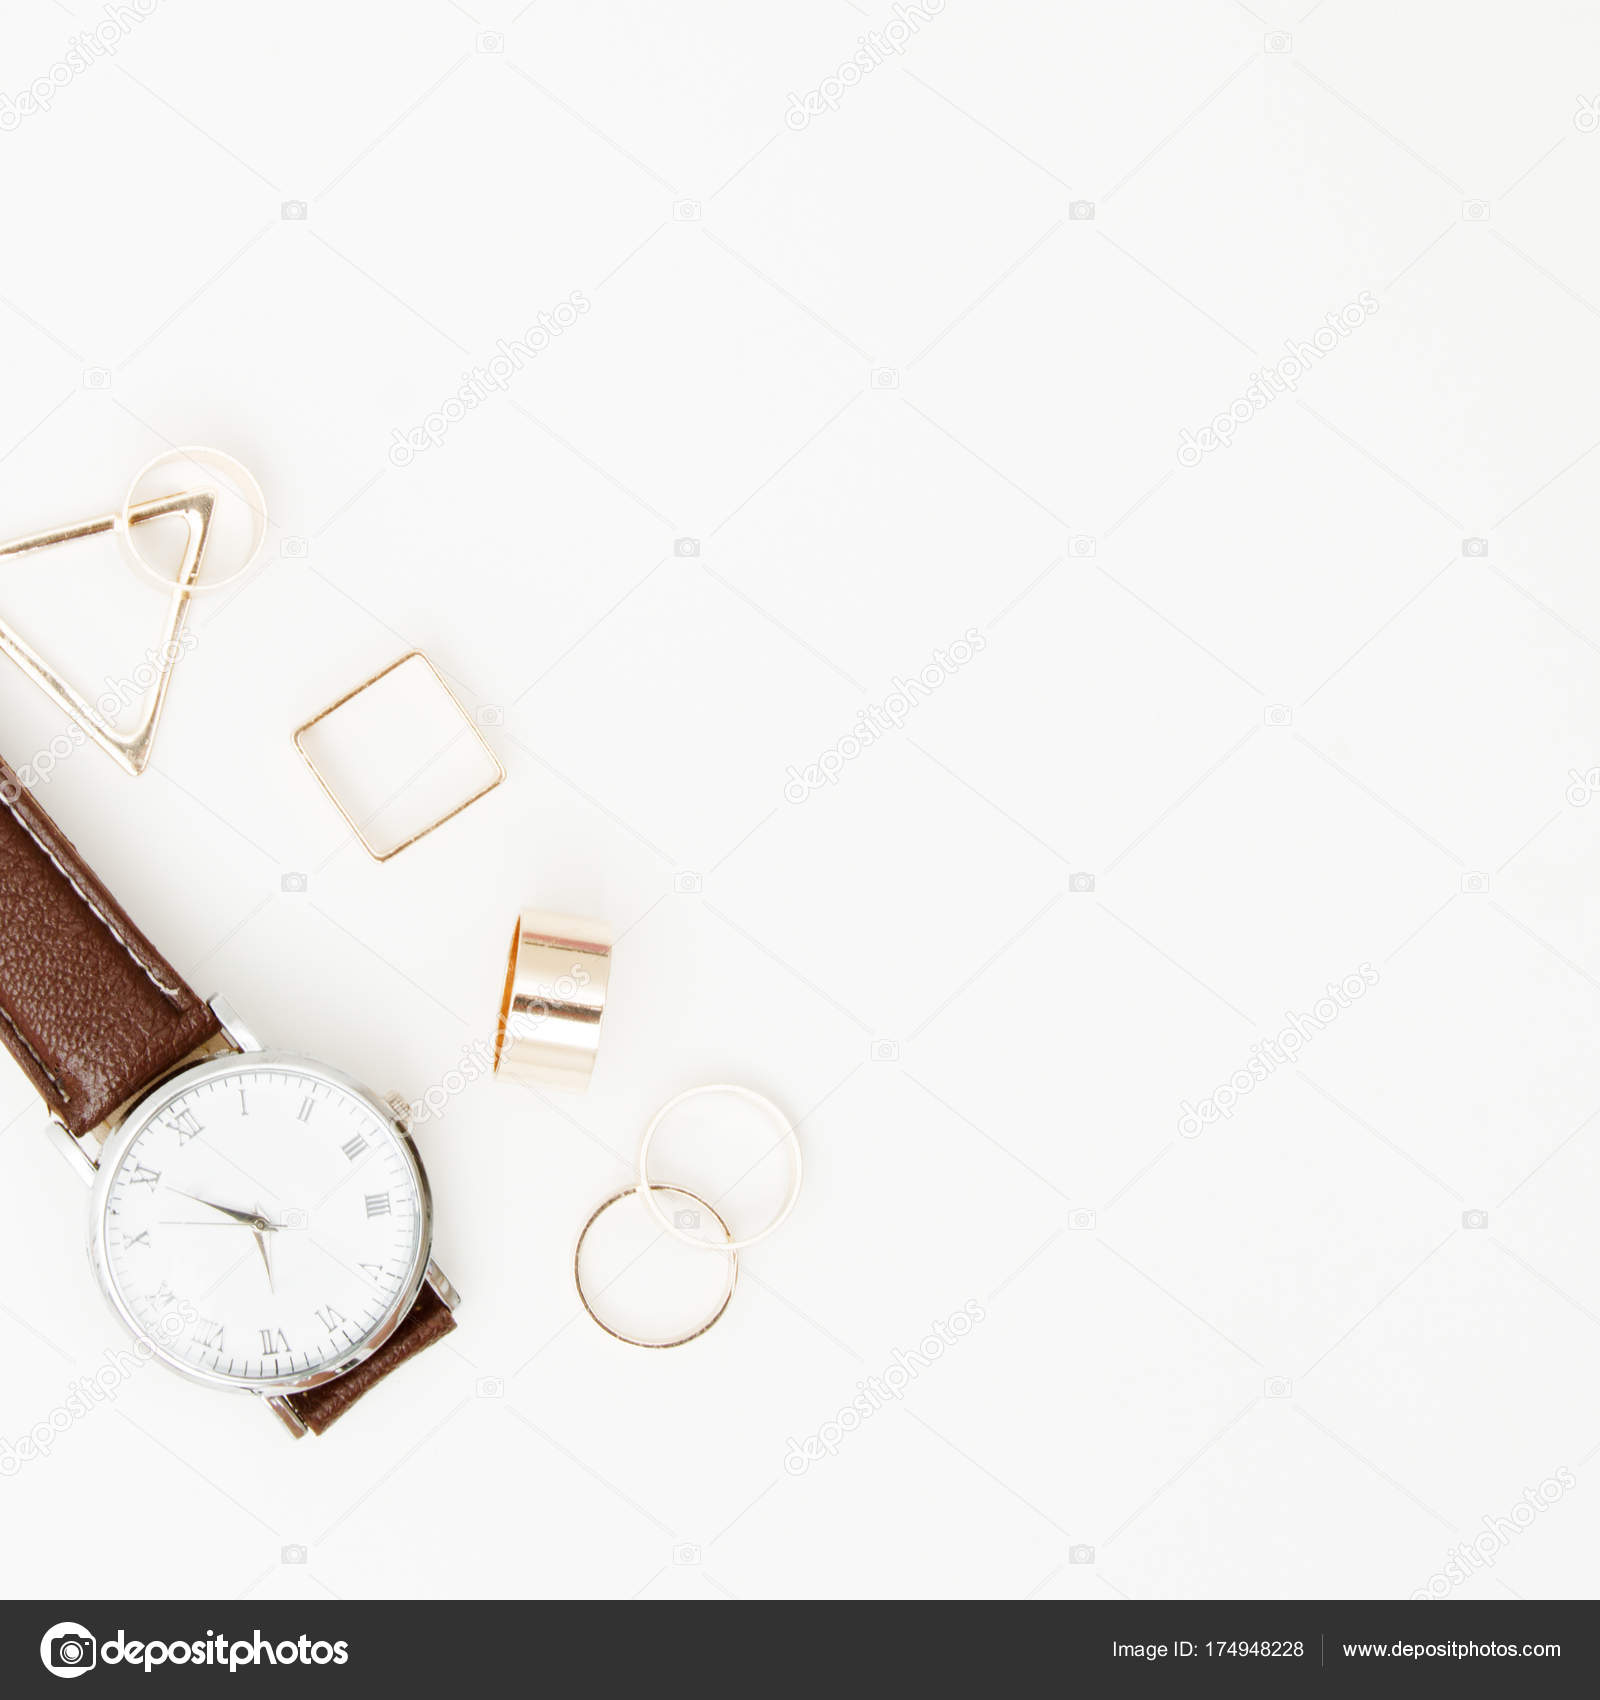 07eea6311368a Вид сверху Аксессуары для женщины. Ювелирные изделия концепции. Модные  женские аксессуары часы. Накладные расходы essentials для любой девушки —  Фото автора ...